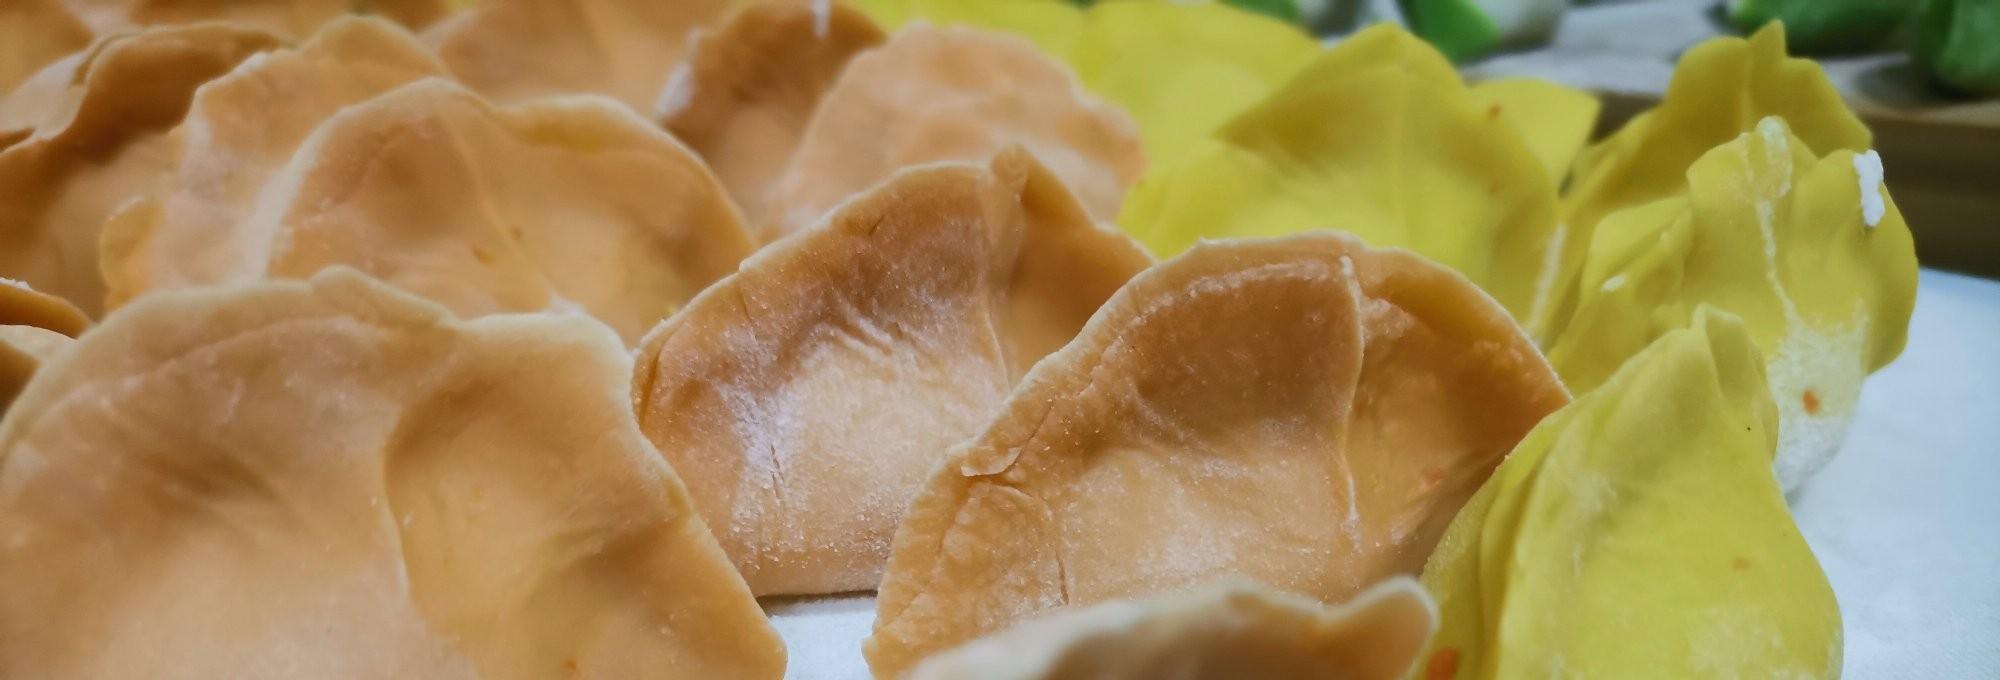 西安人冬至讲究要吃饺子